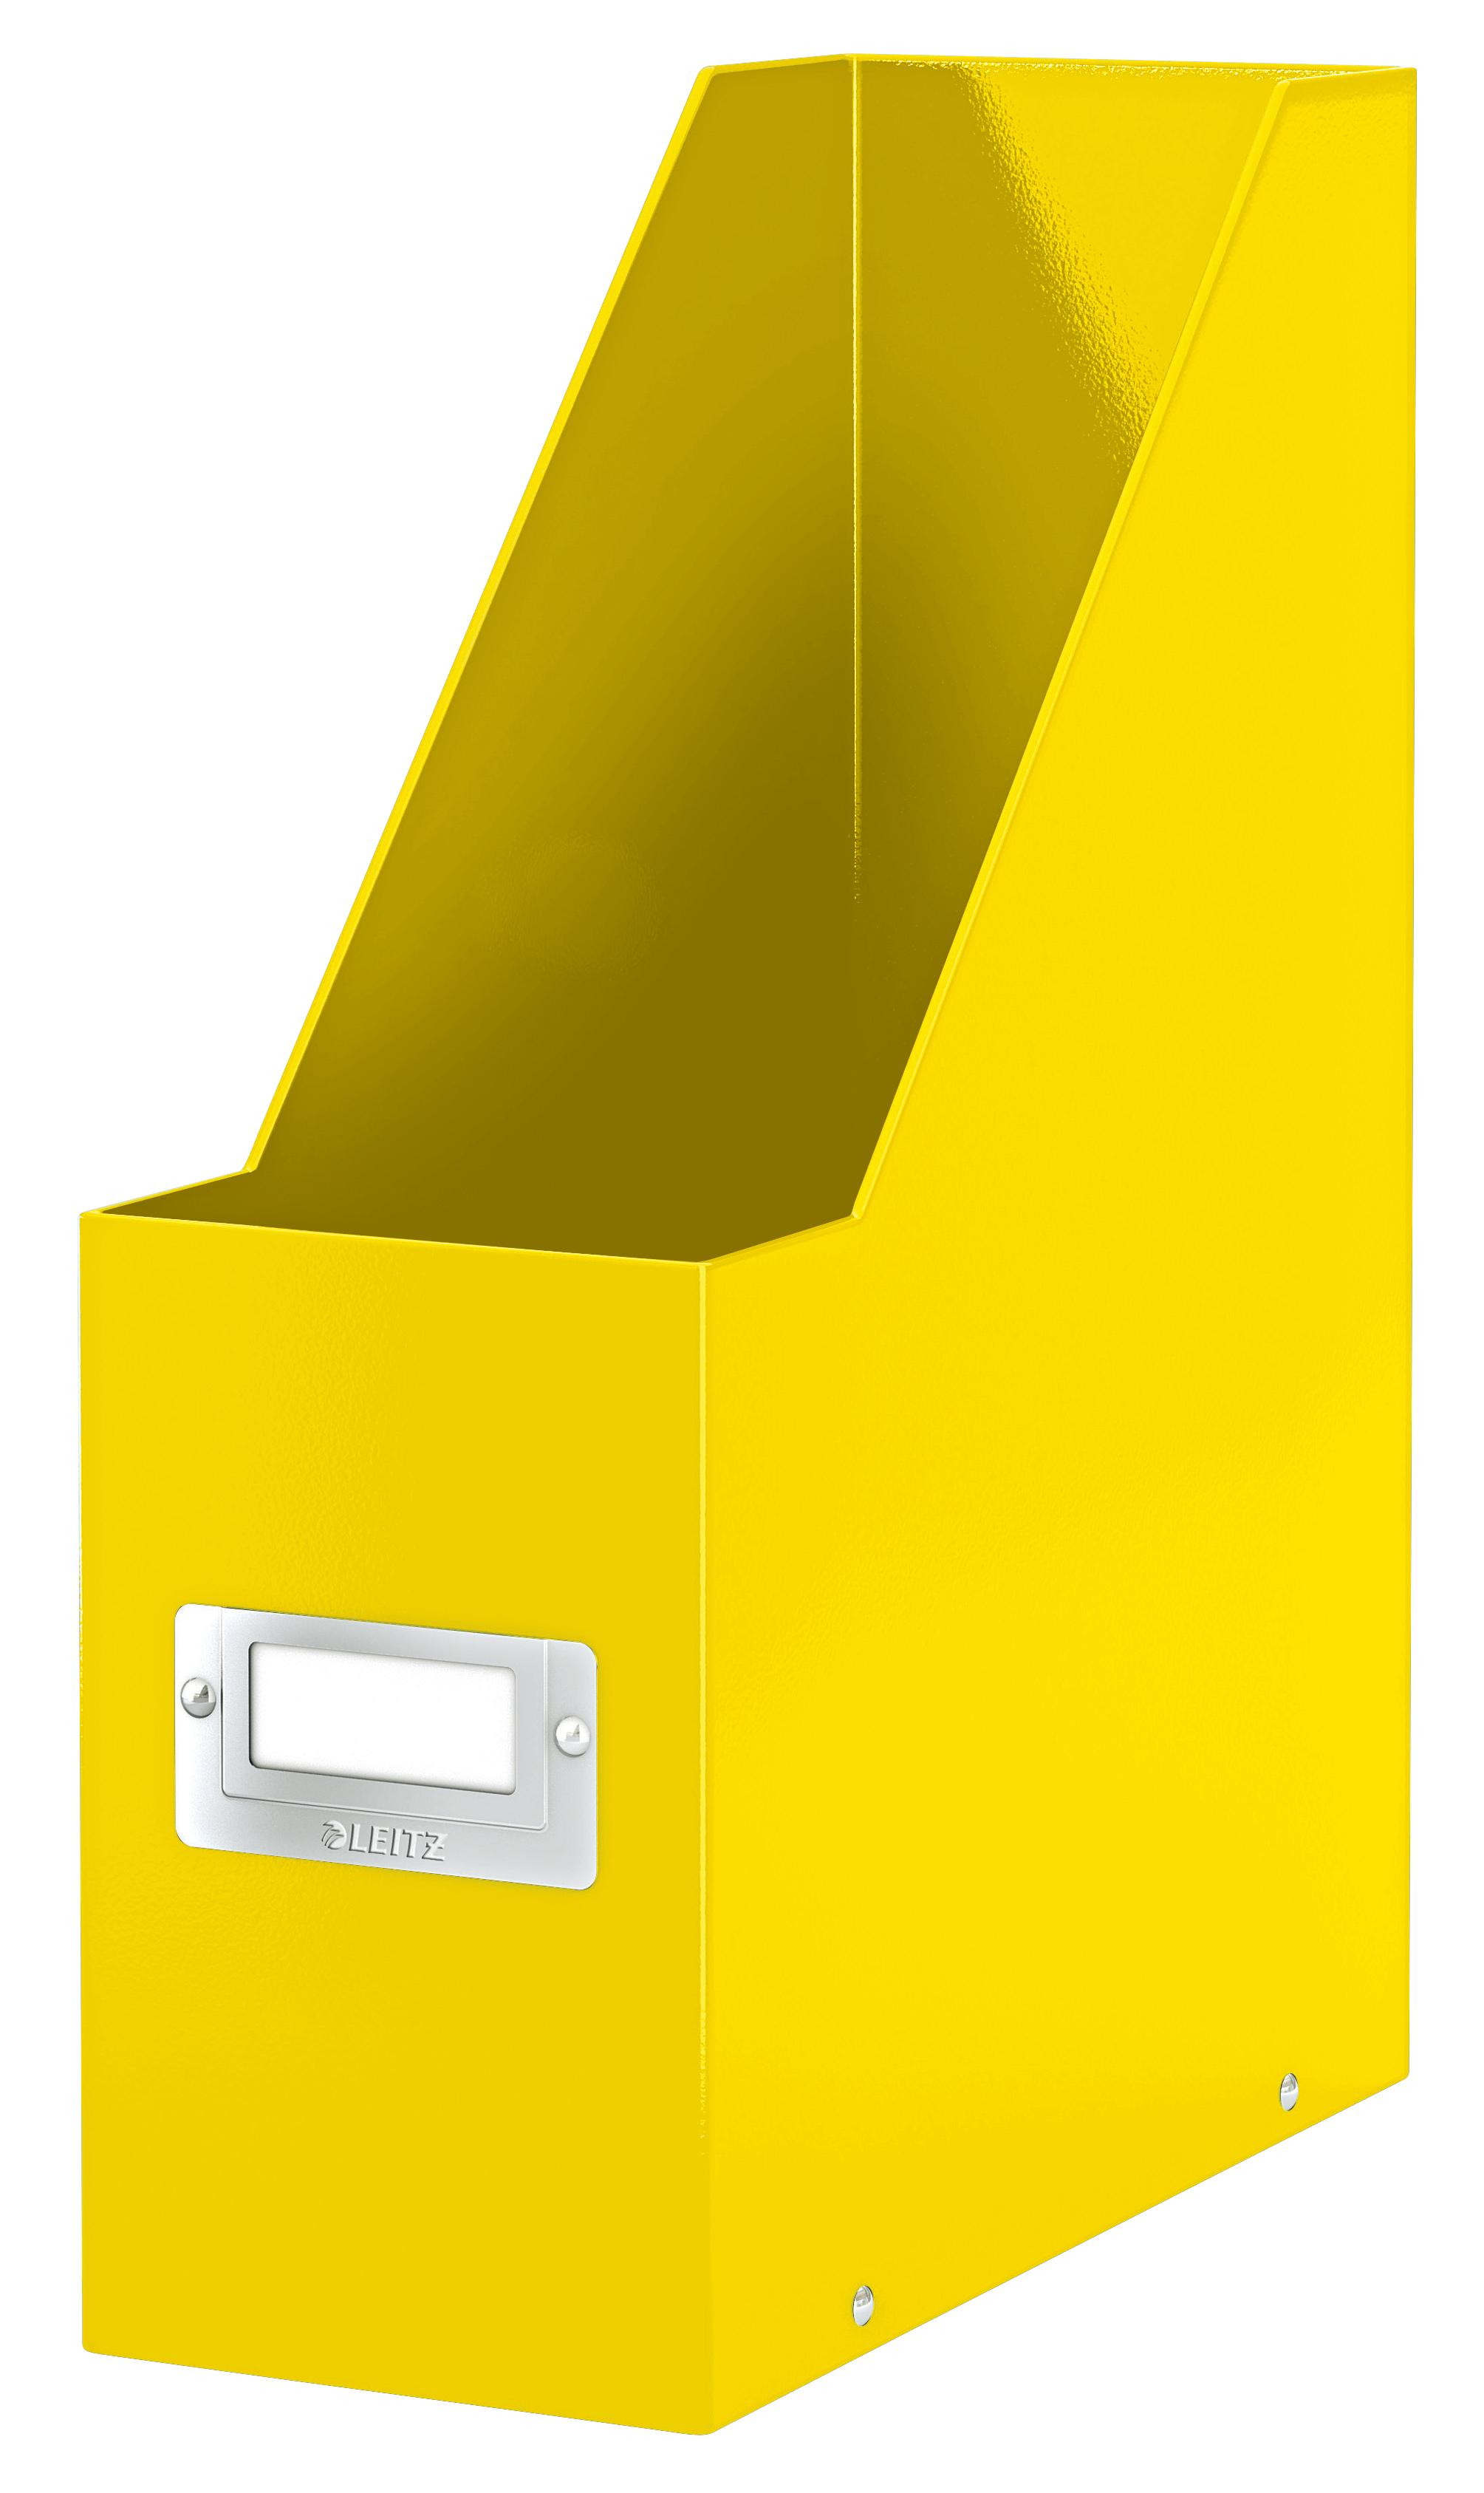 Leitz Click & Store Magazine File Yellow